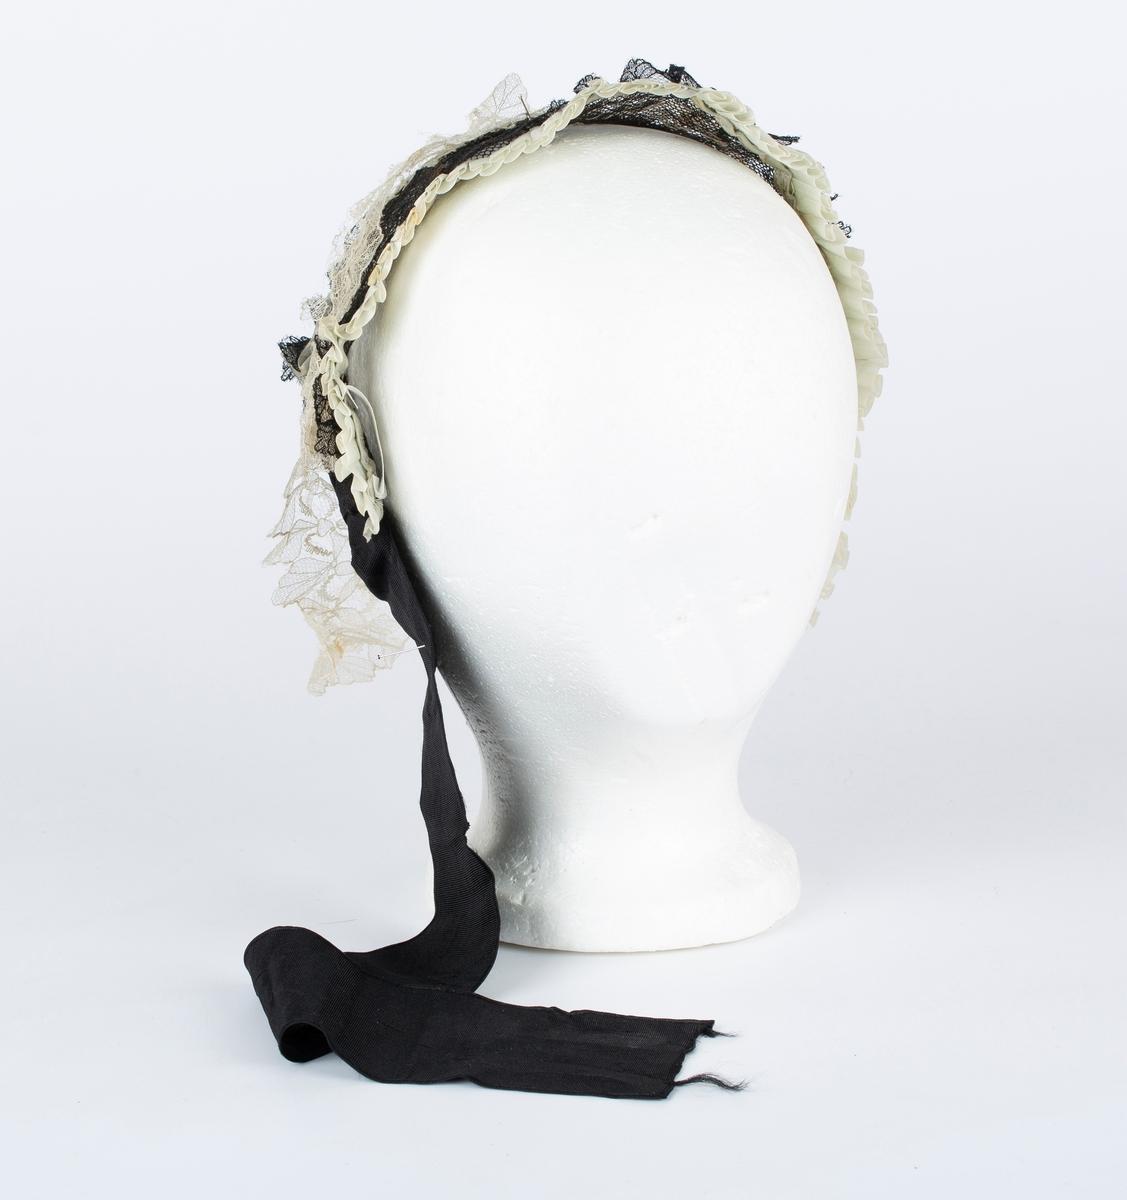 Sort og hvit blonde, tyll. Foldelagt silkebånd langs framkant.  Knytebånd i sort ripssilke, knyttebånd på venstre side mangler.  Blonder løsner, skjør.